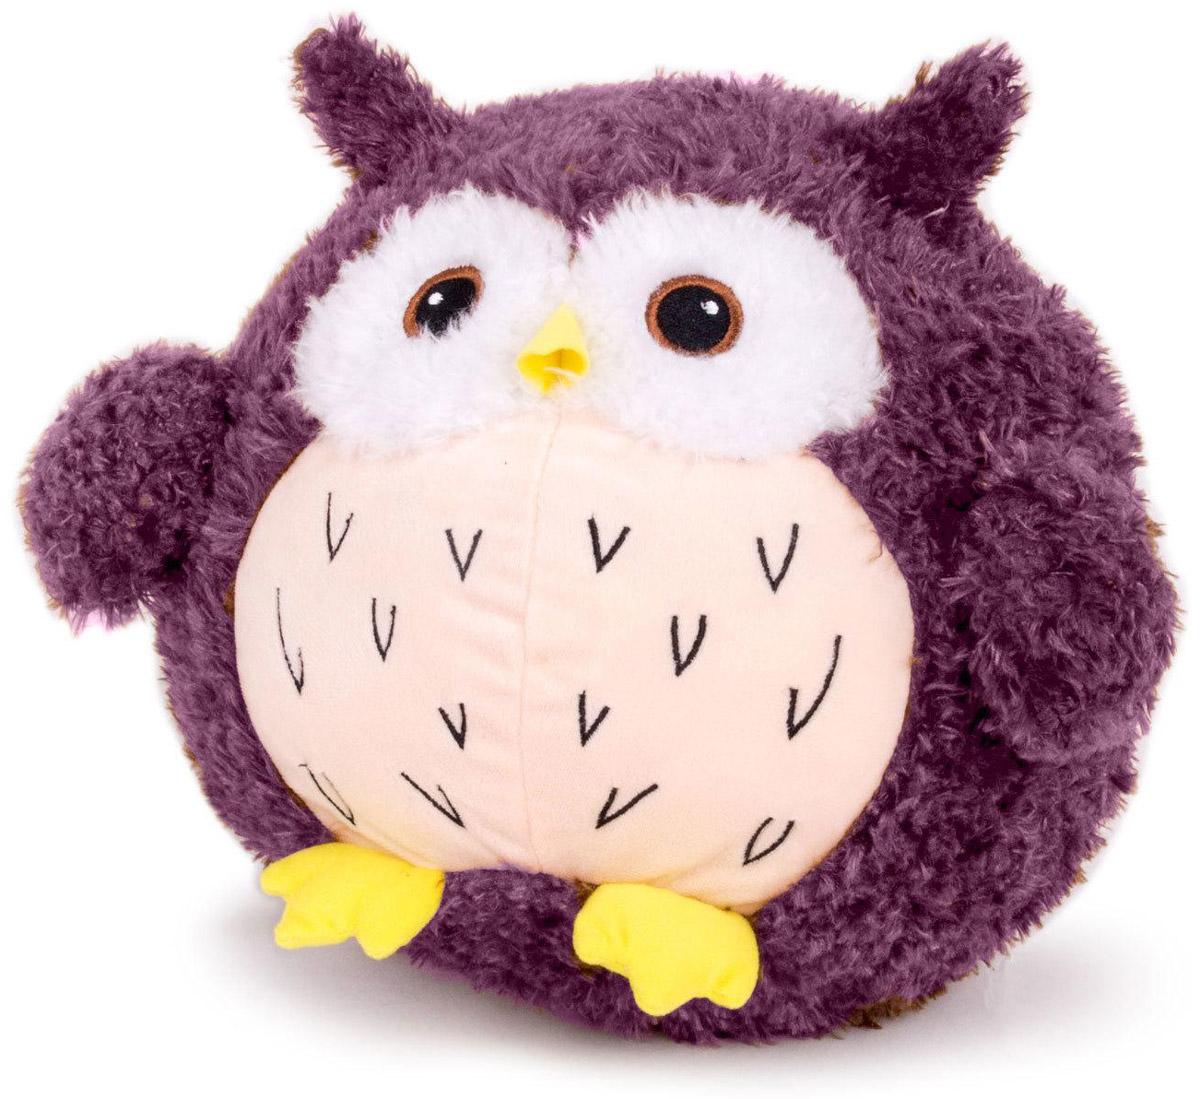 Gulliver Мягкая игрушка Сова Букля цвет фиолетовый 30 см gulliver gulliver мягкая игрушка собака пупс 29 см